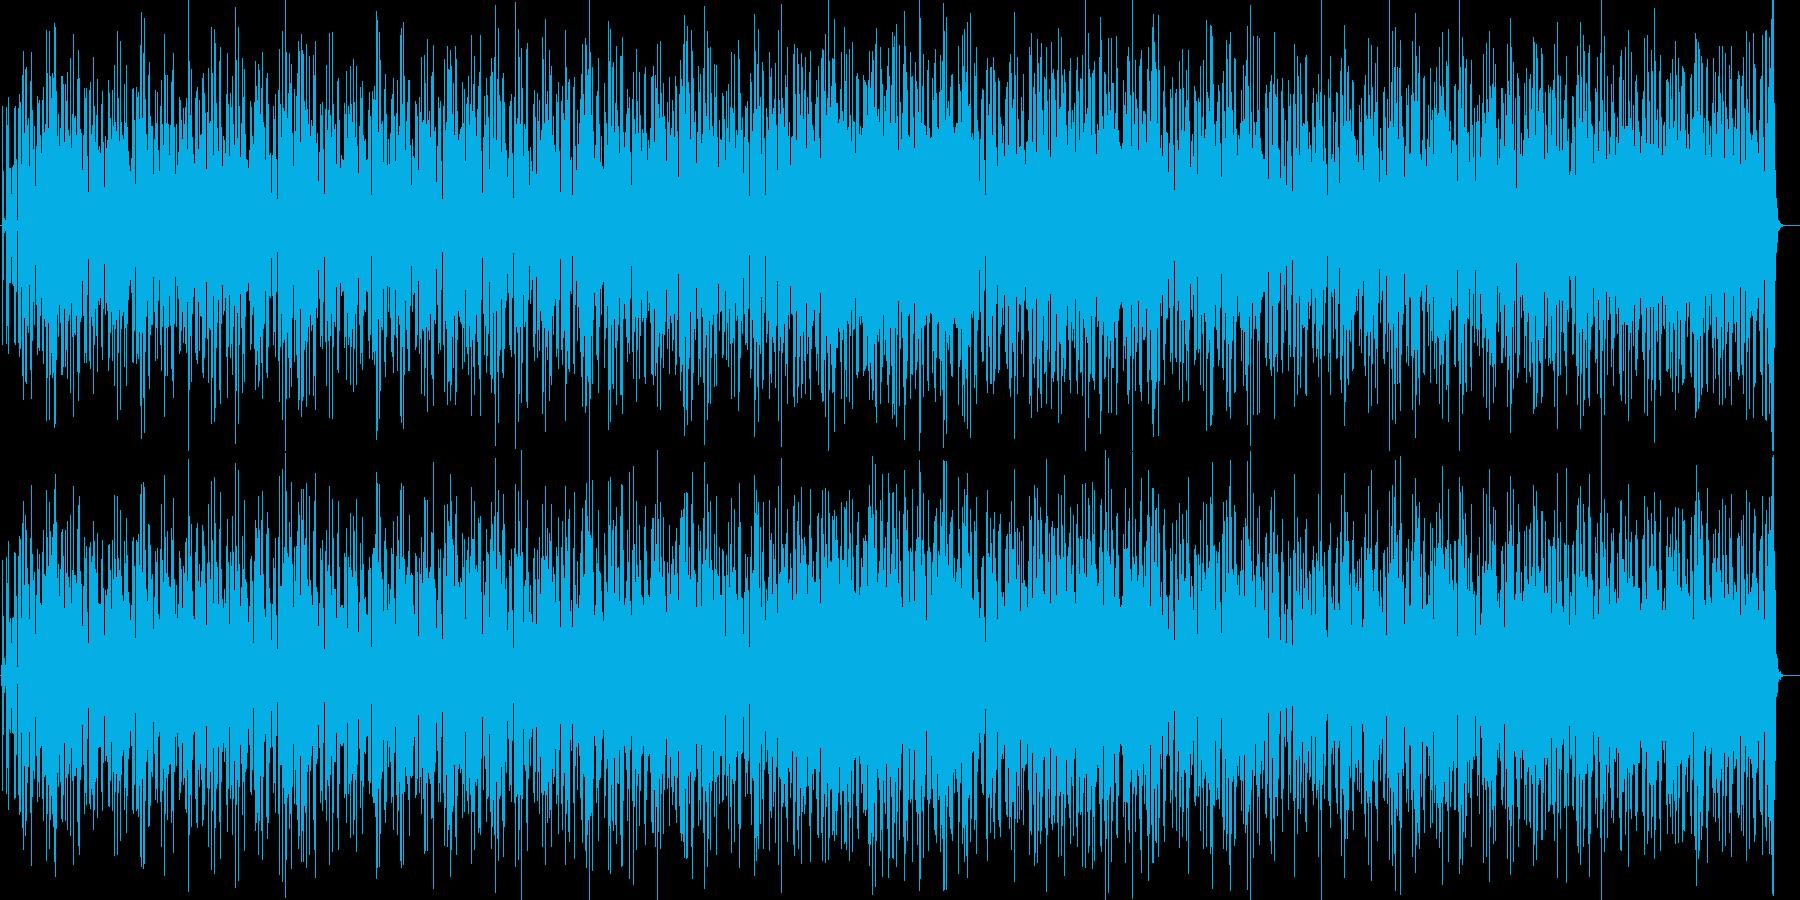 70s電化マイルス風ジャズファンクロックの再生済みの波形